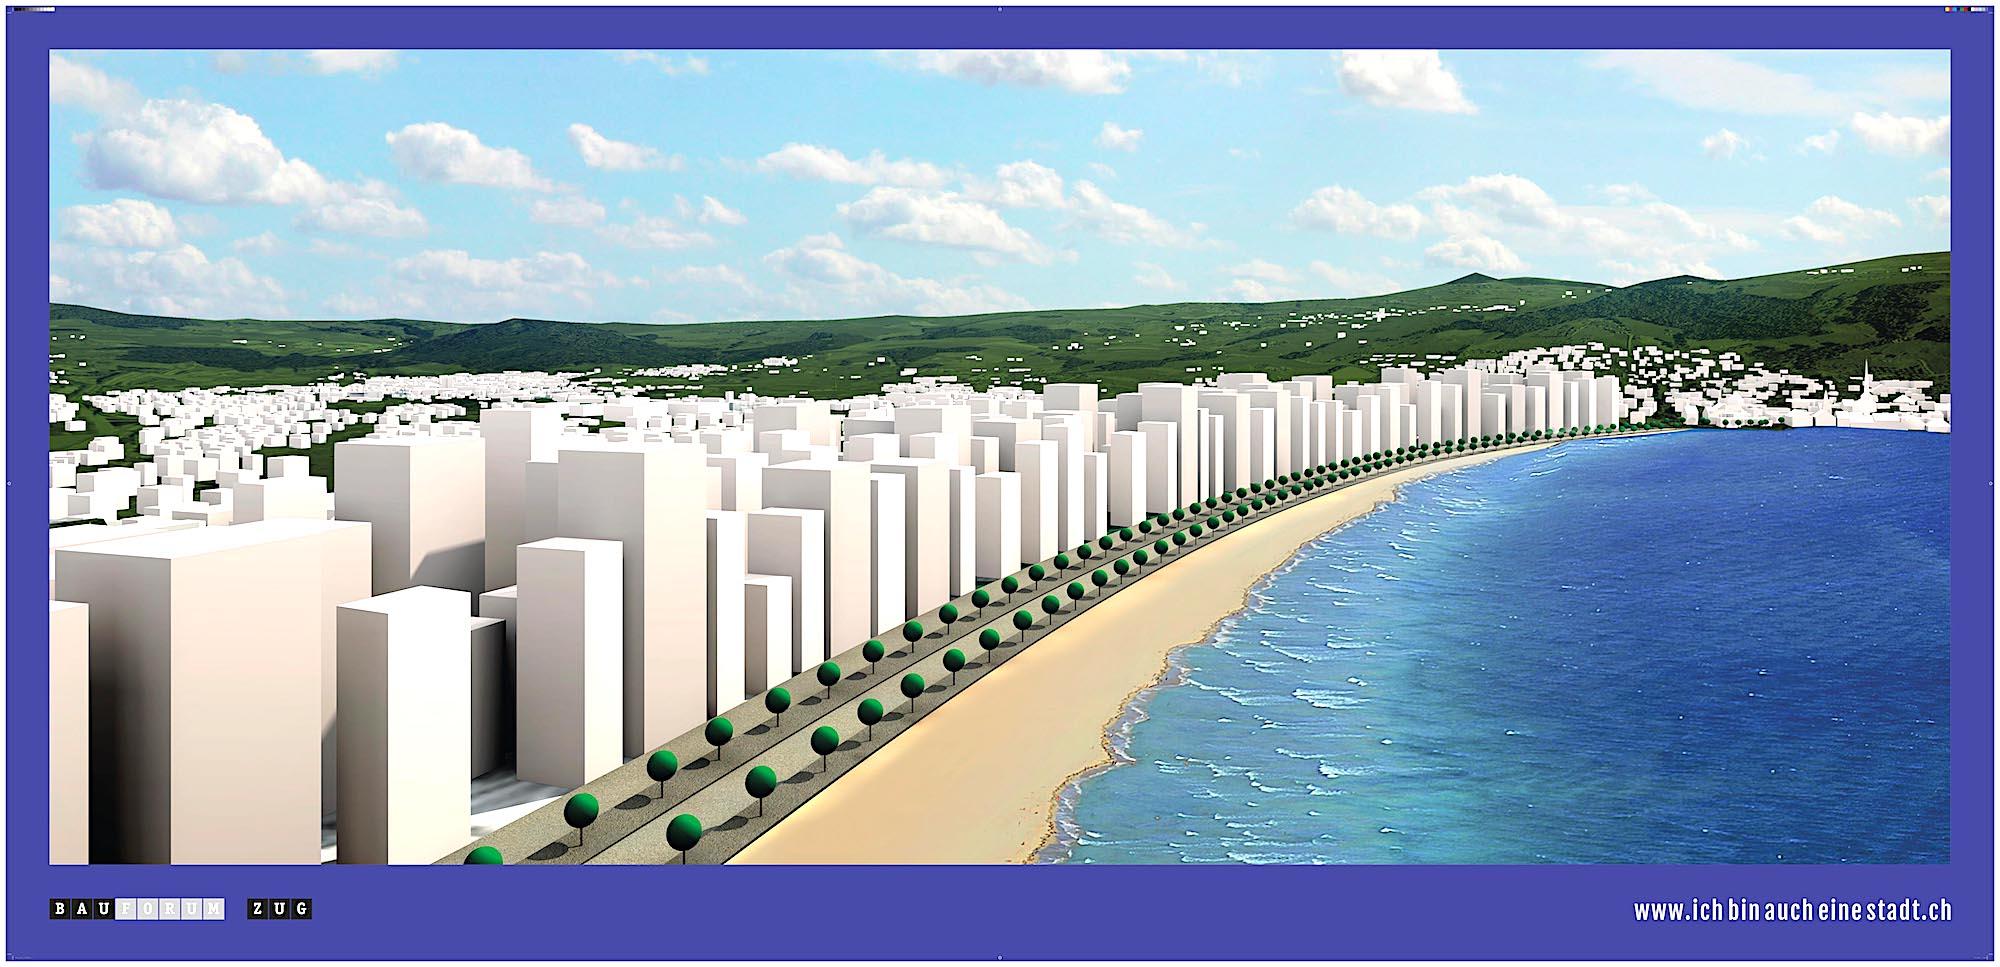 Eine verrückte Vision des Bauforums Zug in Sachen Hochhäusern in Zug: Die Copacabana am Zugersee.